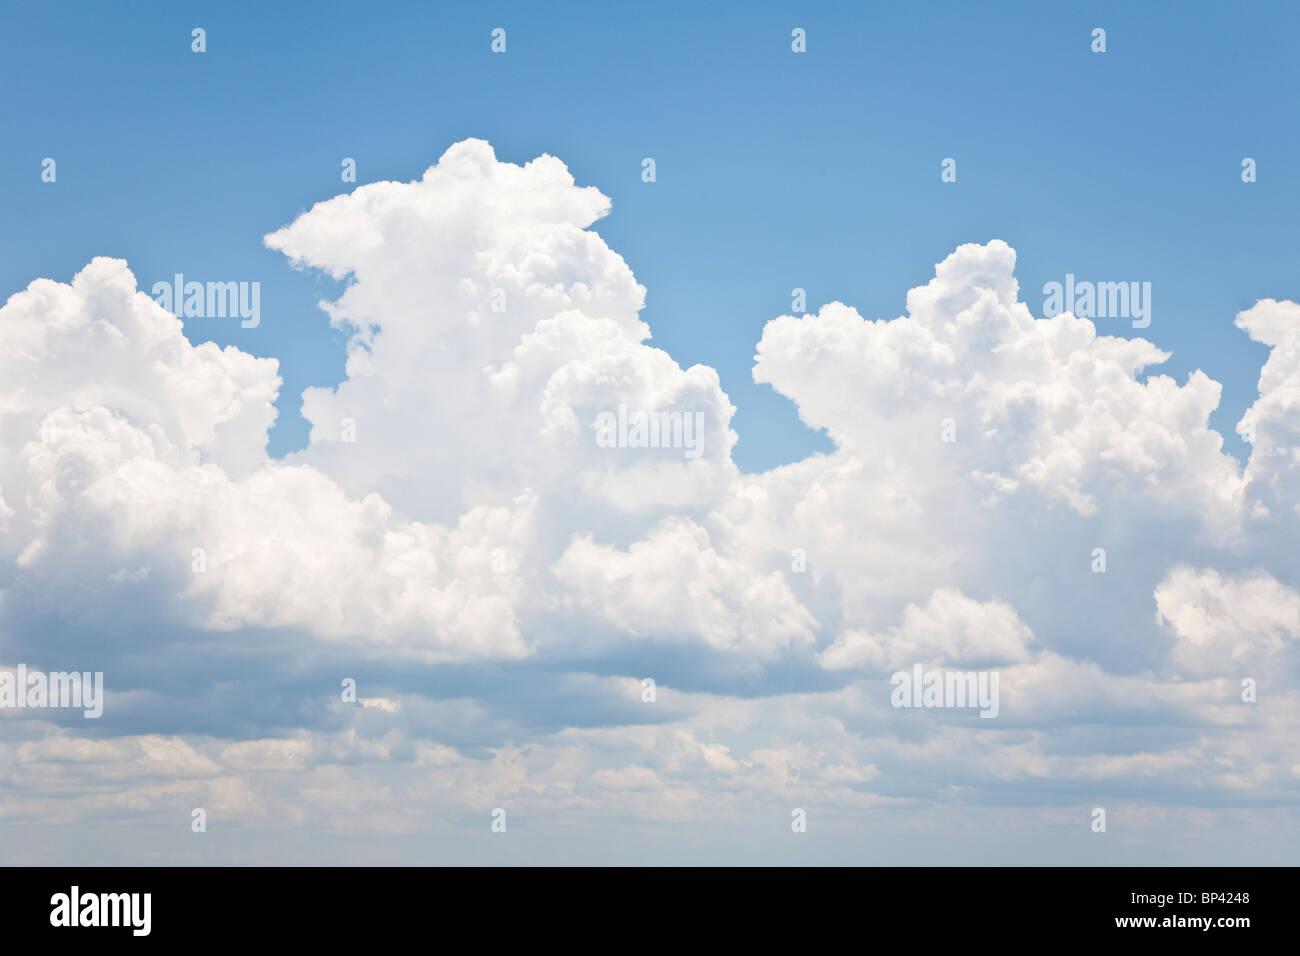 Lake George, FL - Mai 2010 - helle weiße flauschige Wolken am blauen Himmel Stockbild